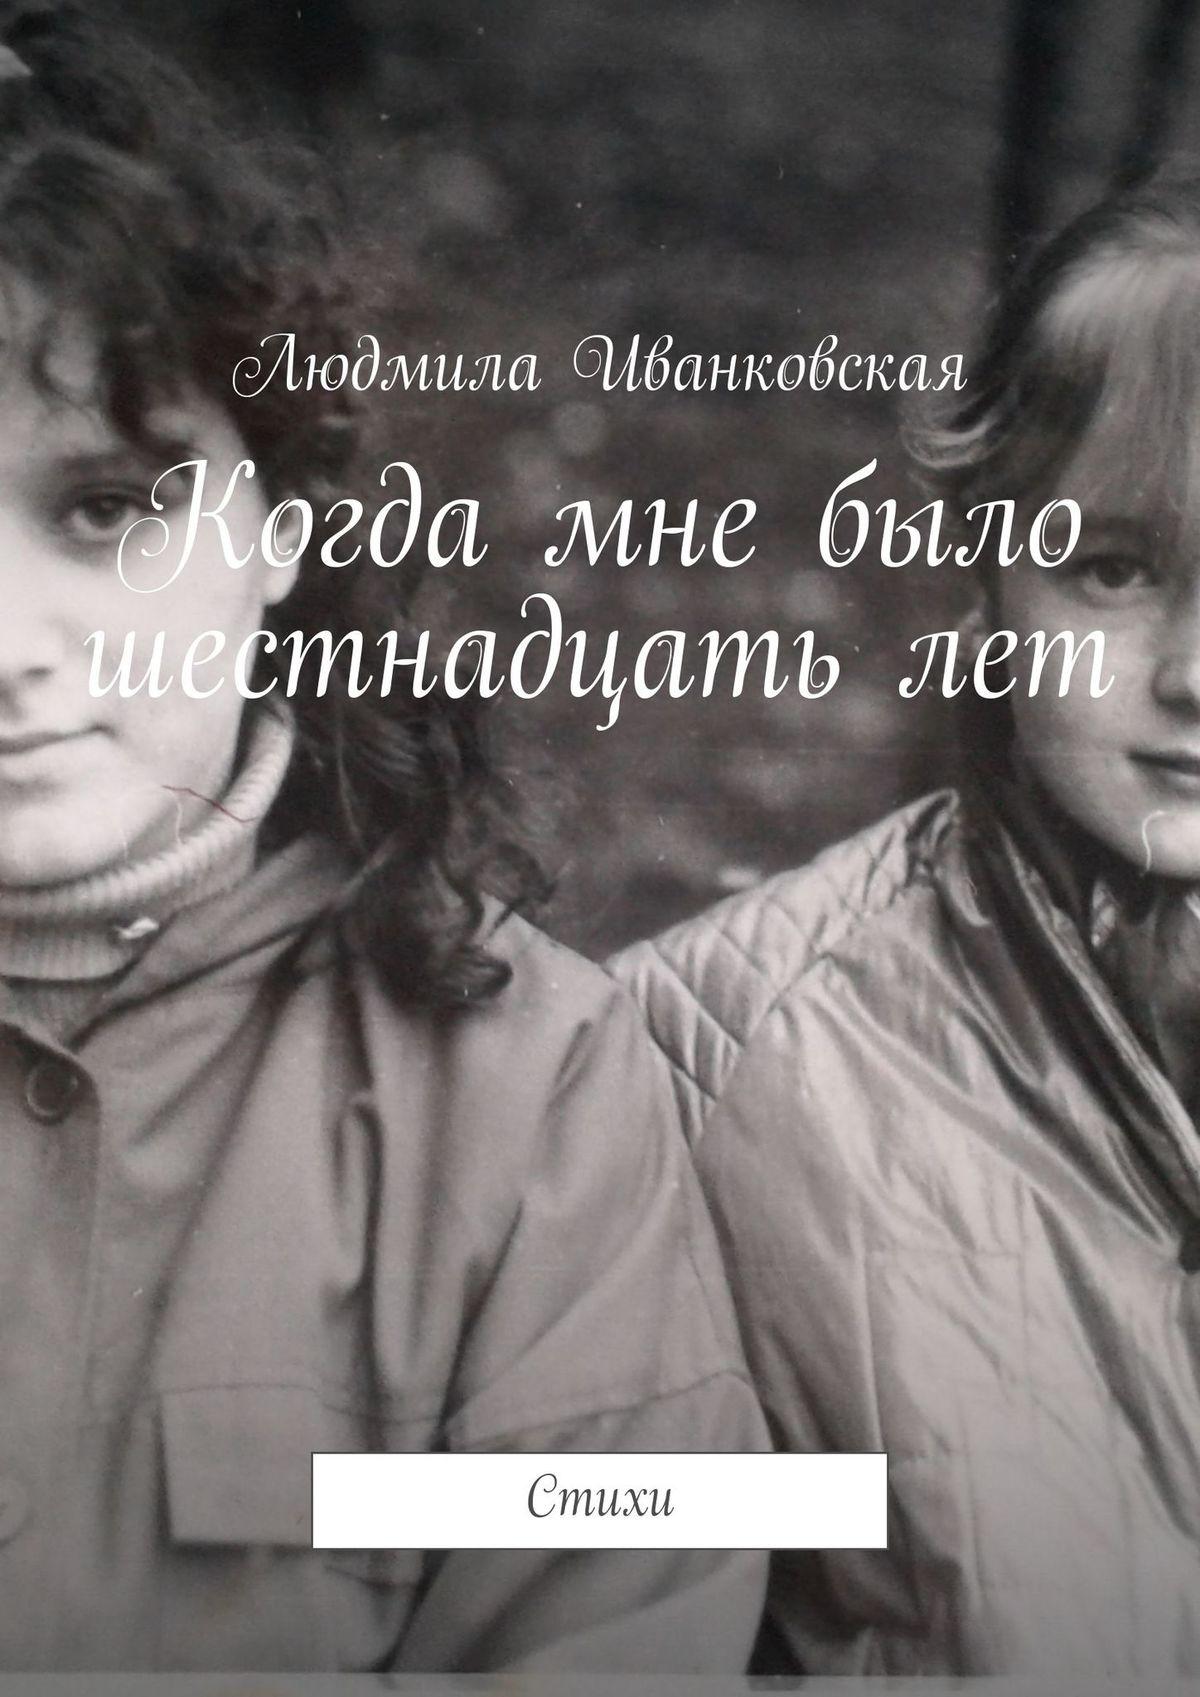 Людмила Иванковская Когда мне было шестнадцатьлет. Стихи людмила иванковская ты мой амурный мотылёк стихи